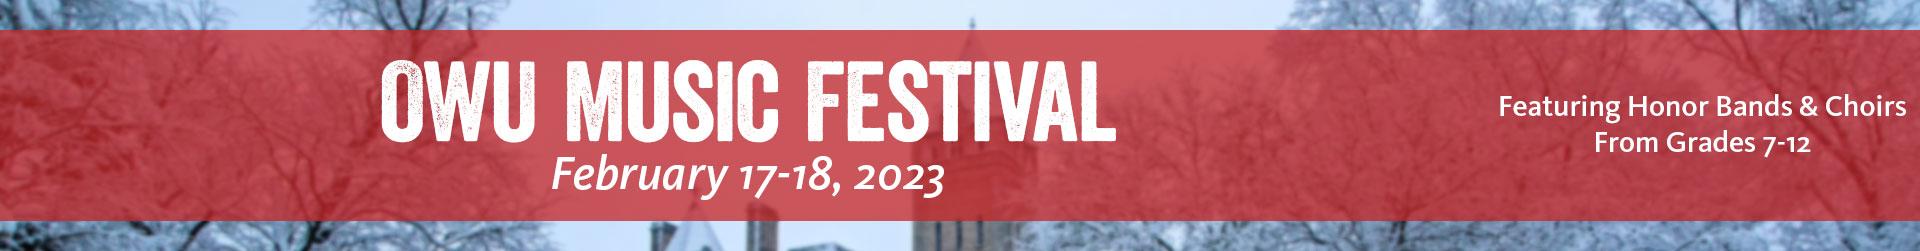 OWU Music Festival